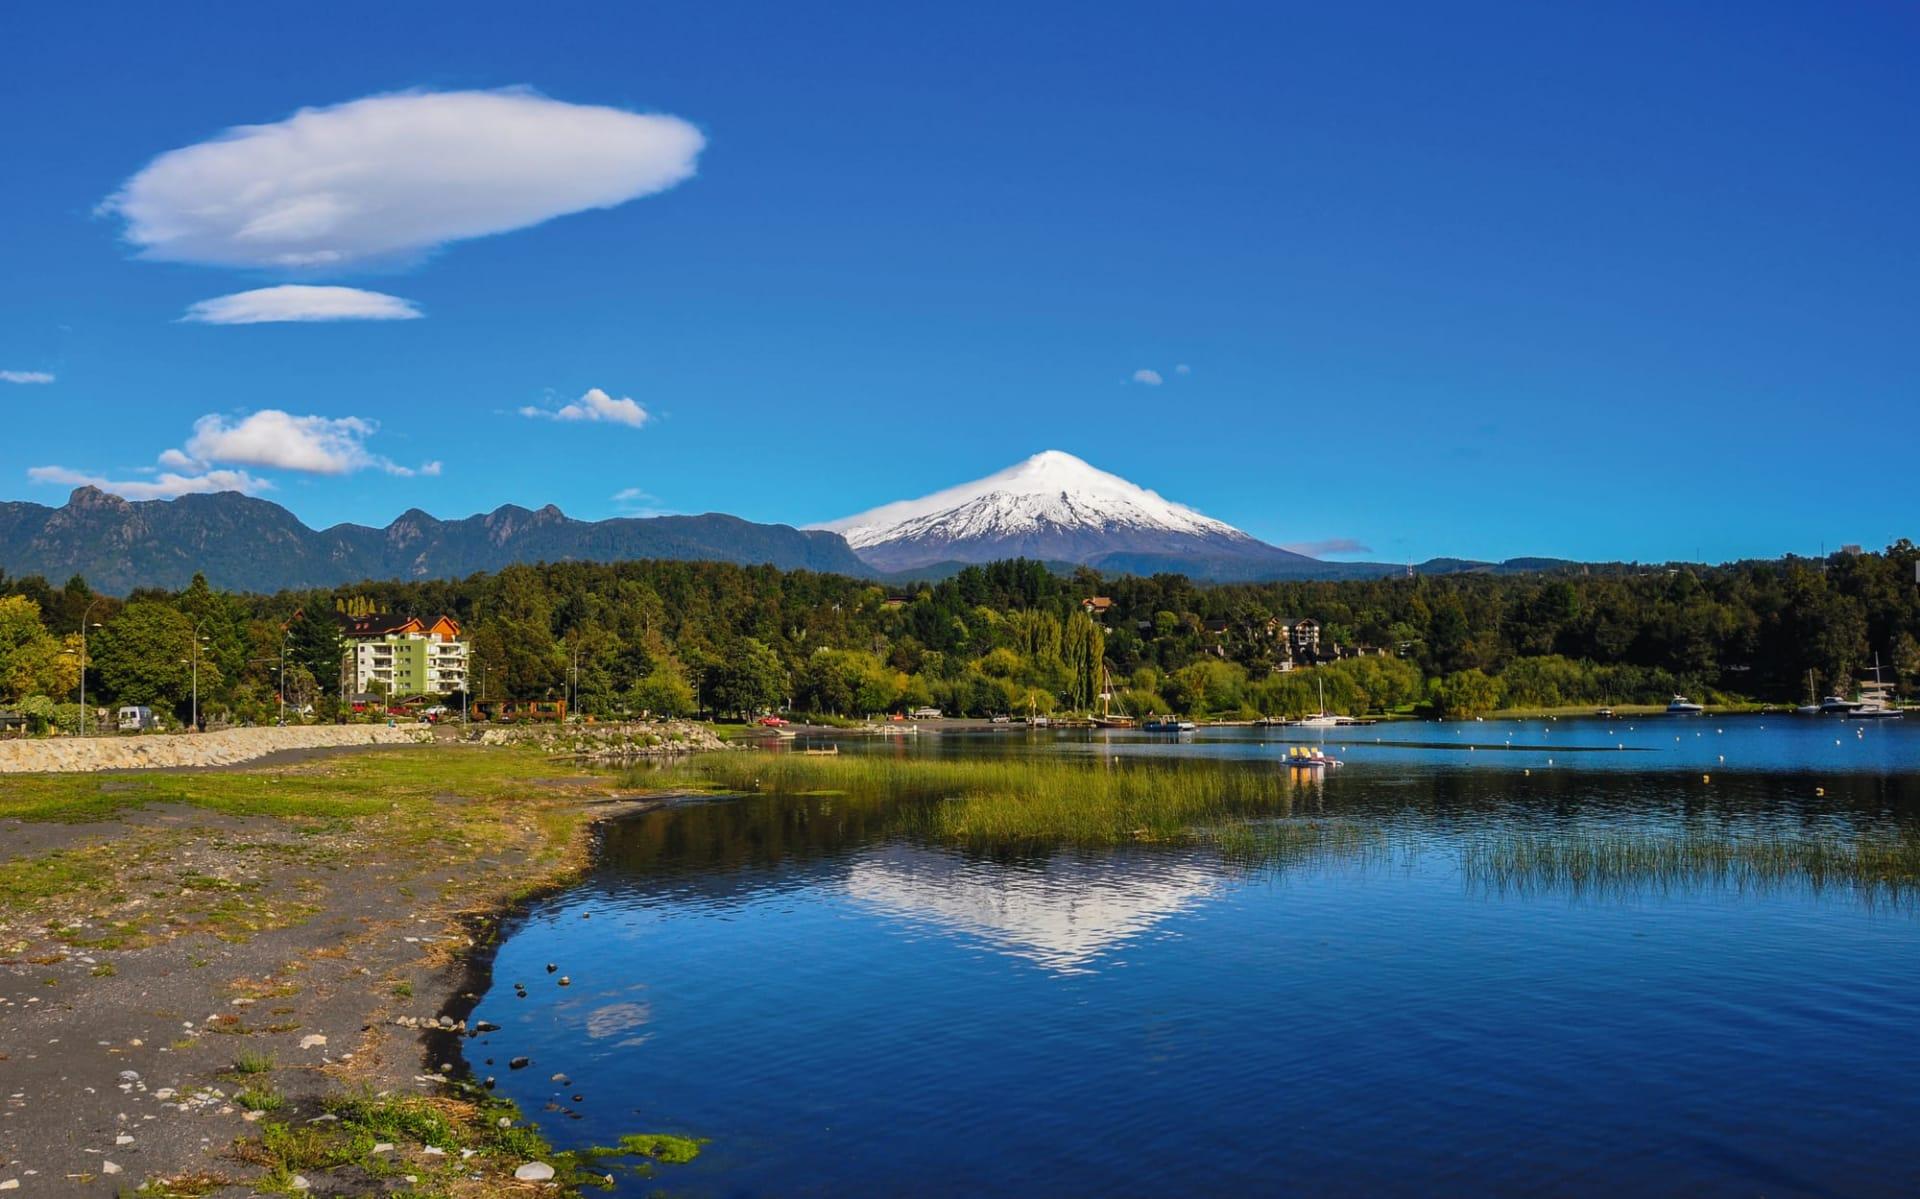 Chilenisch-Argentinisches Seengebiet ab Bariloche: Pucon